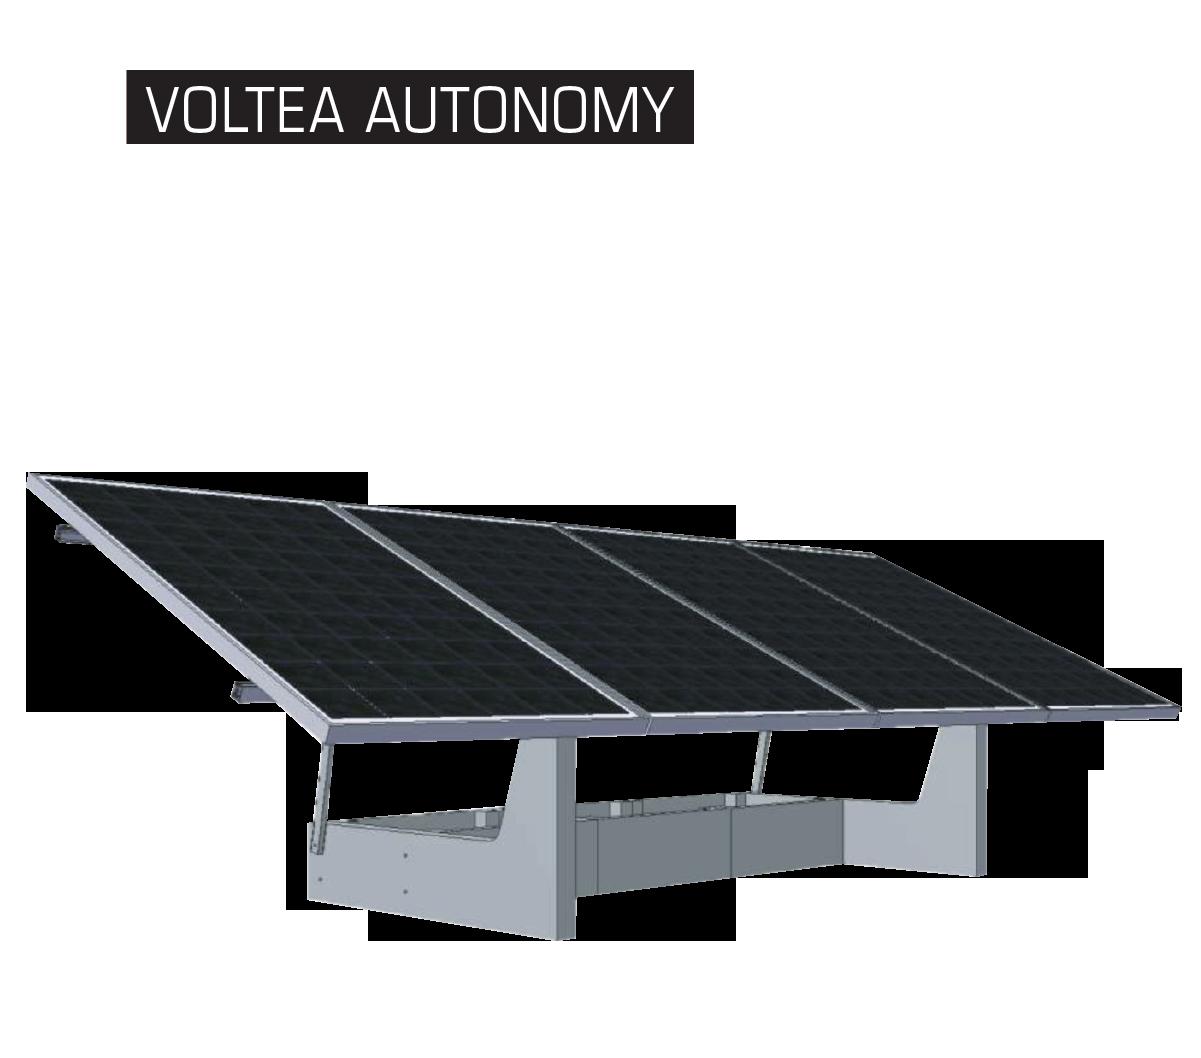 VOLTEA-AUTONOMY